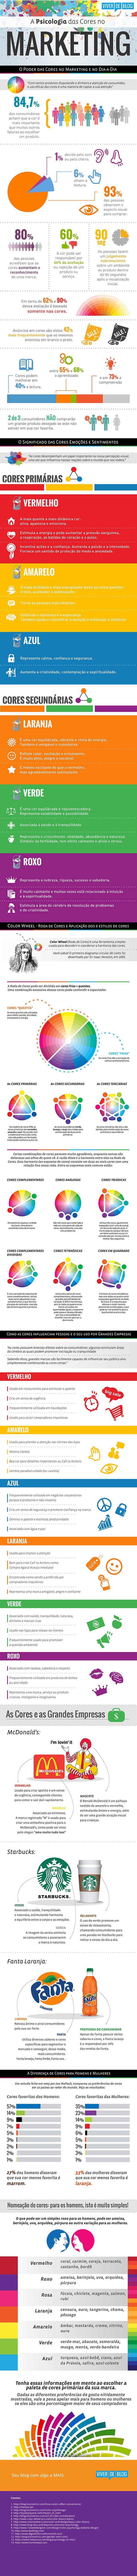 followthecolours Infográfico Psicologia Cores Psicologia das Cores no Marketing